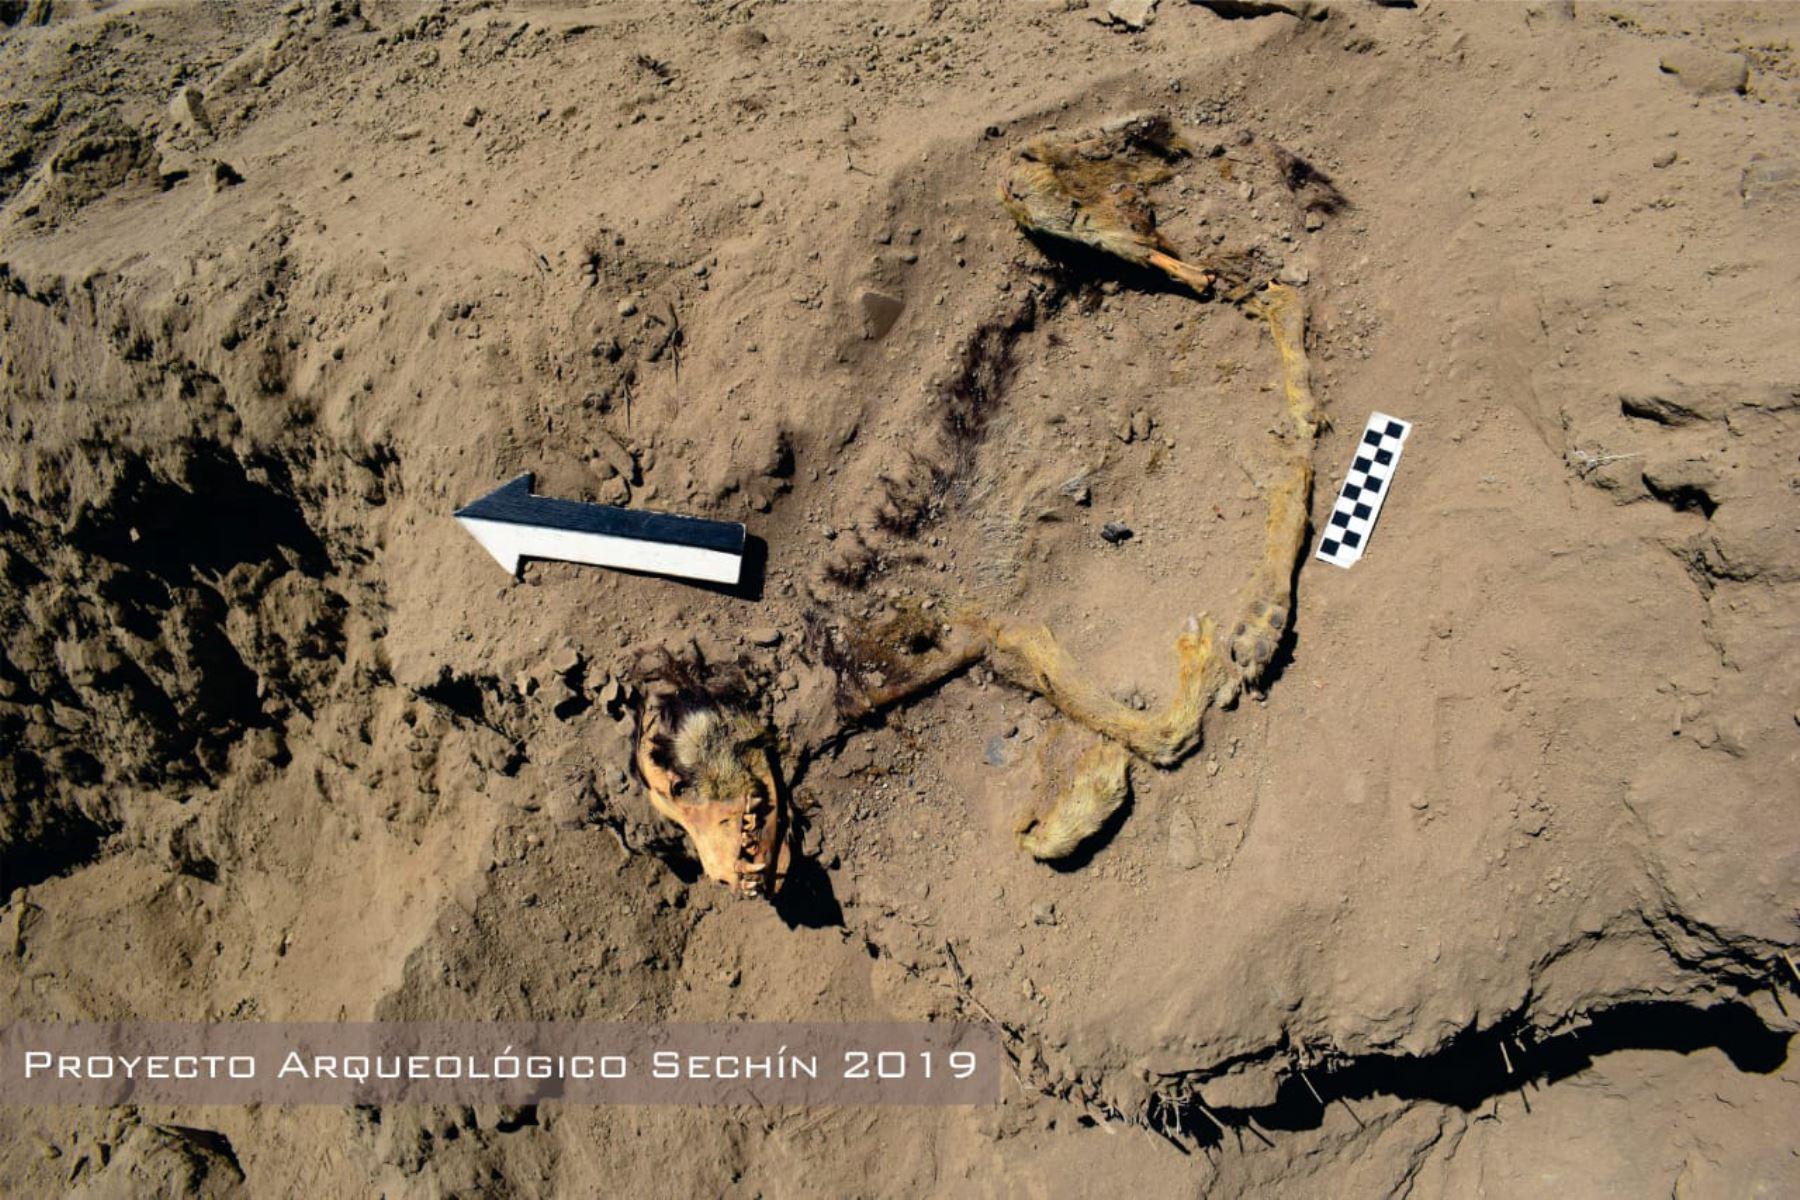 Arqueólogos hallan restos óseos de perro en interior de templo de cultura Sechín, en Áncash.